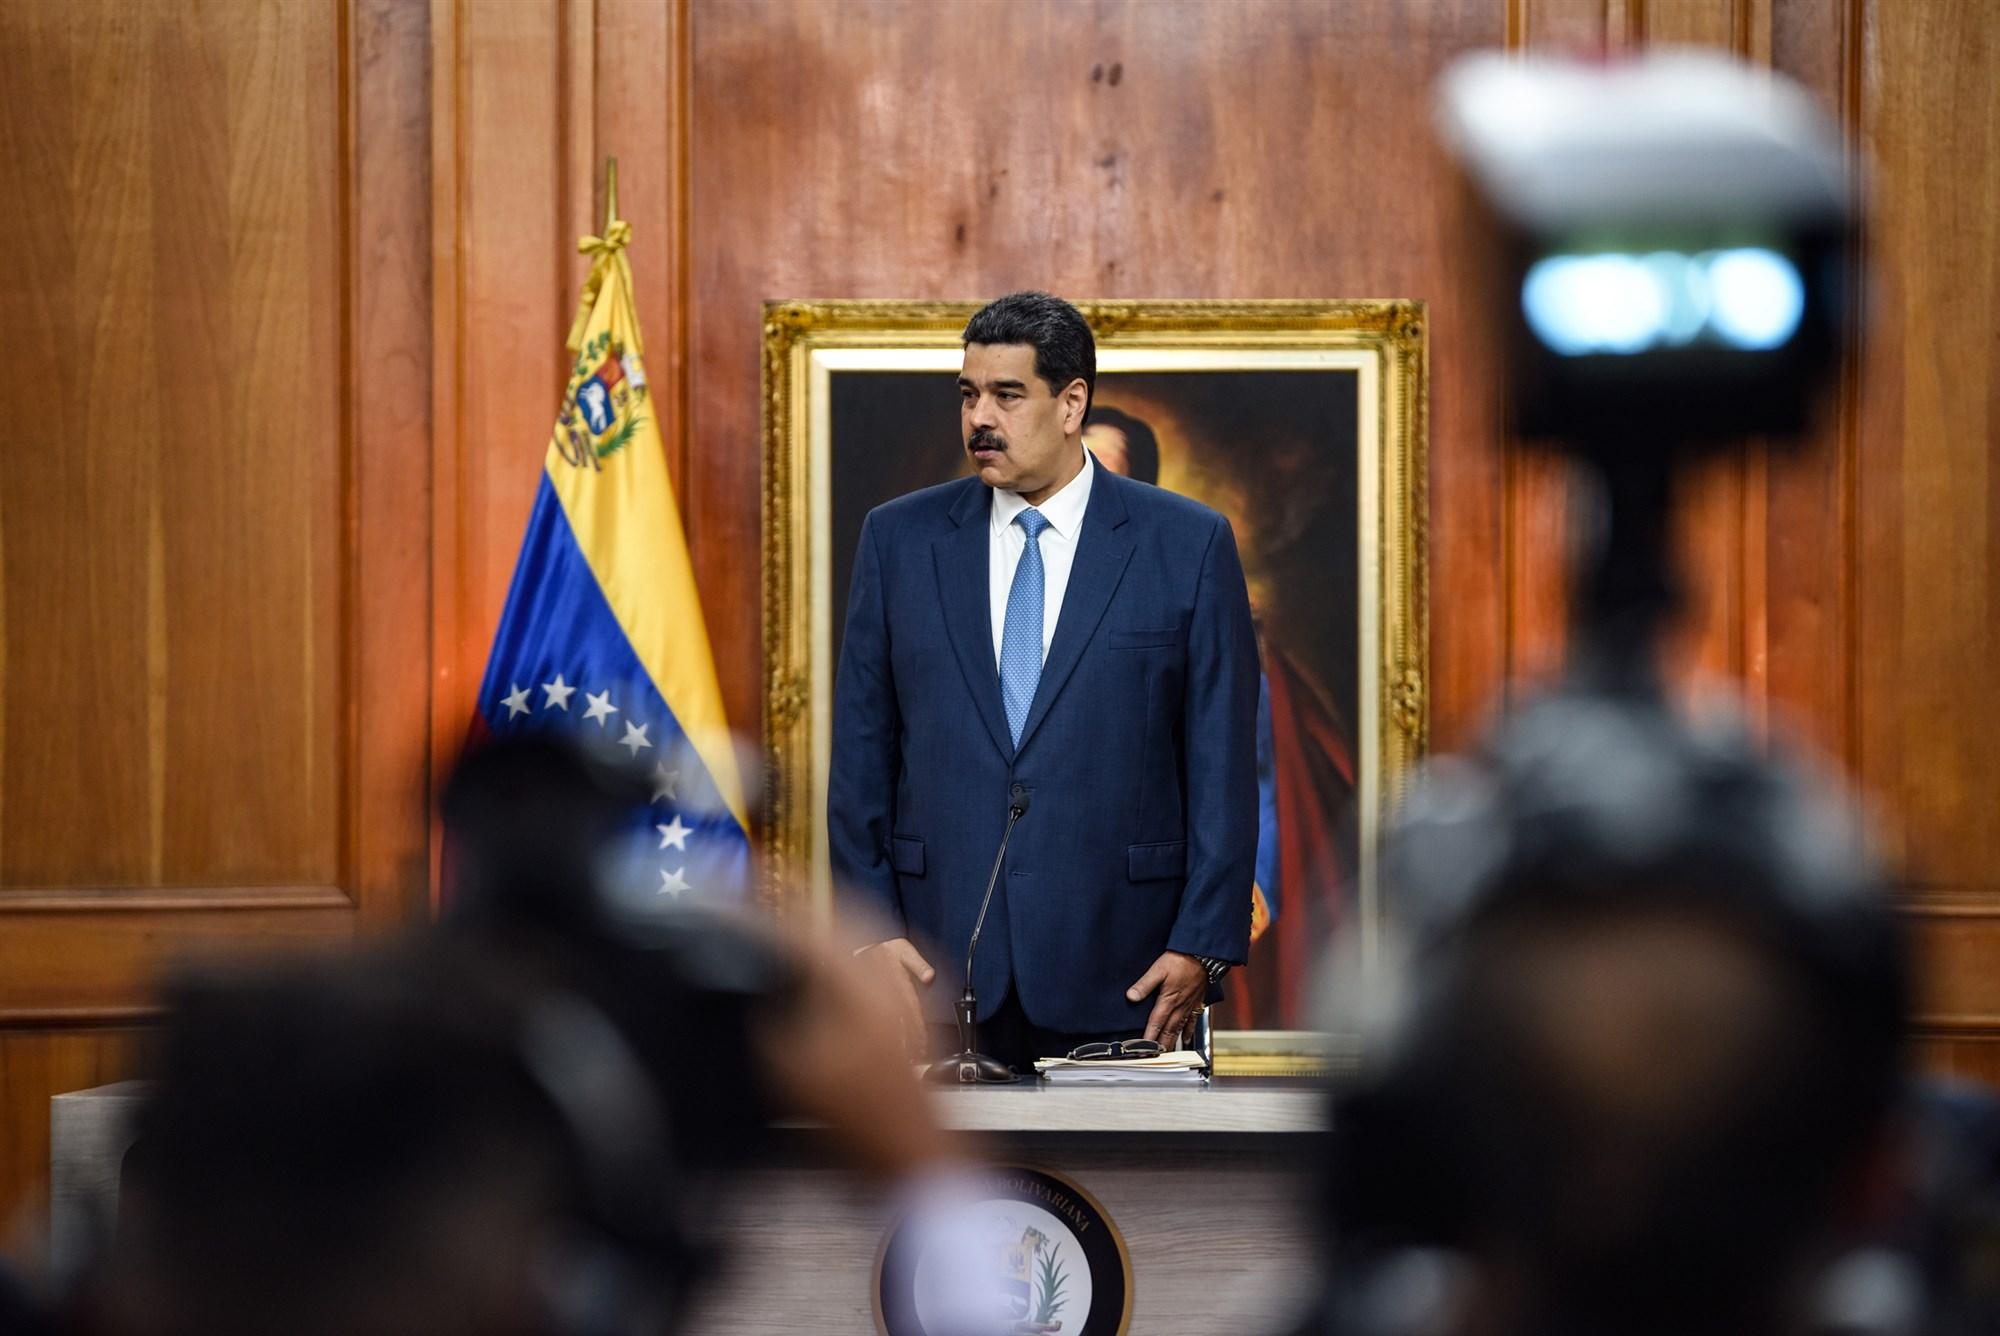 EE.UU. acusa a Maduro de narcoterrorismo y ofrece 15 millones de dólares por información que lleve a su captura